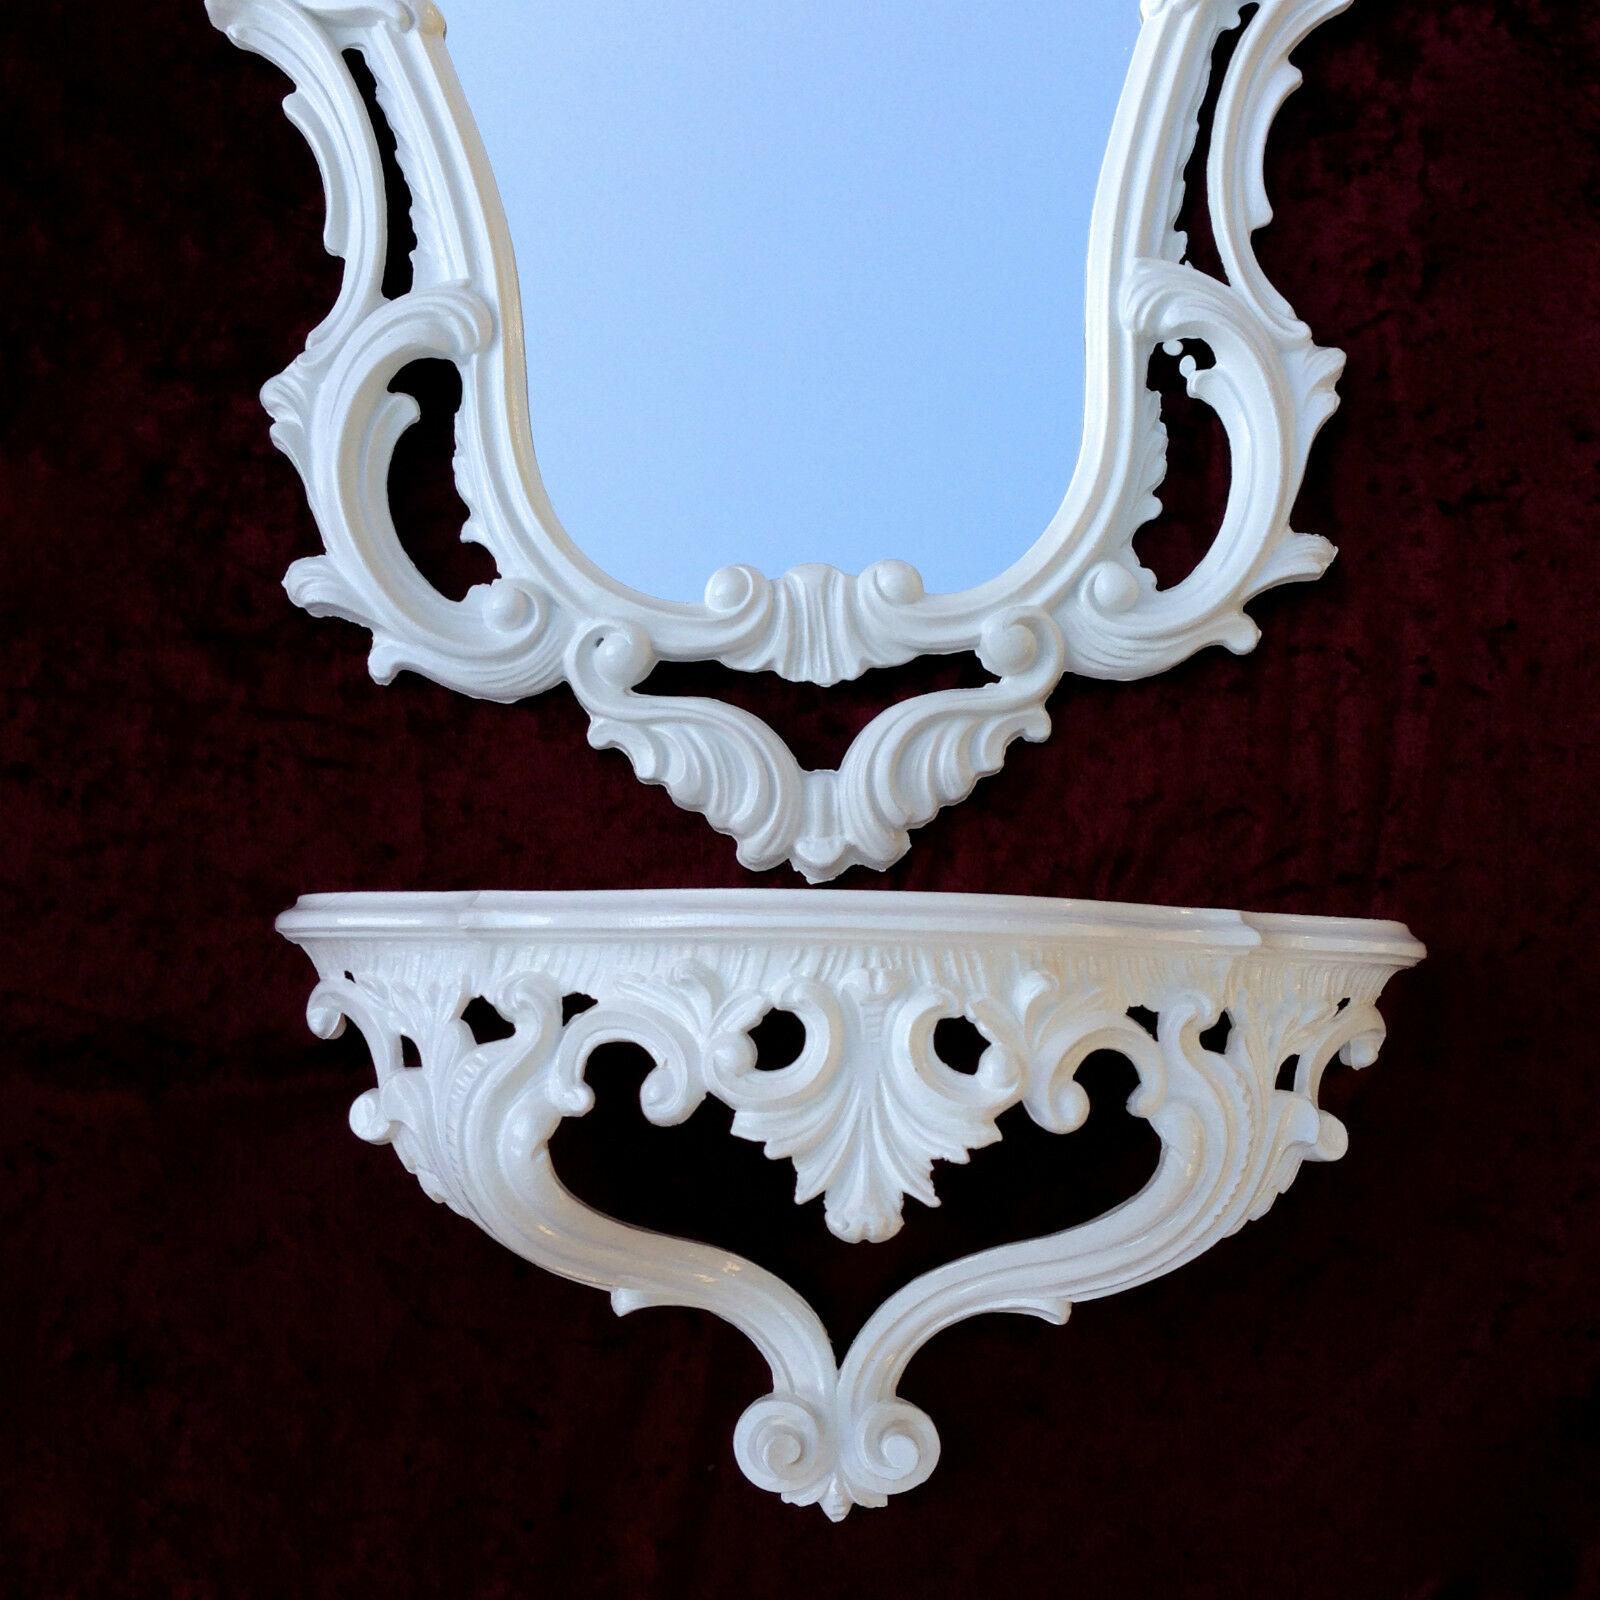 Antik Wandspiegel Mit Wandkonsole Spiegel 50x76 Antik Barock Spiegelablage Weiß Ablagen, Schalen & Körbe Möbel & Wohnen